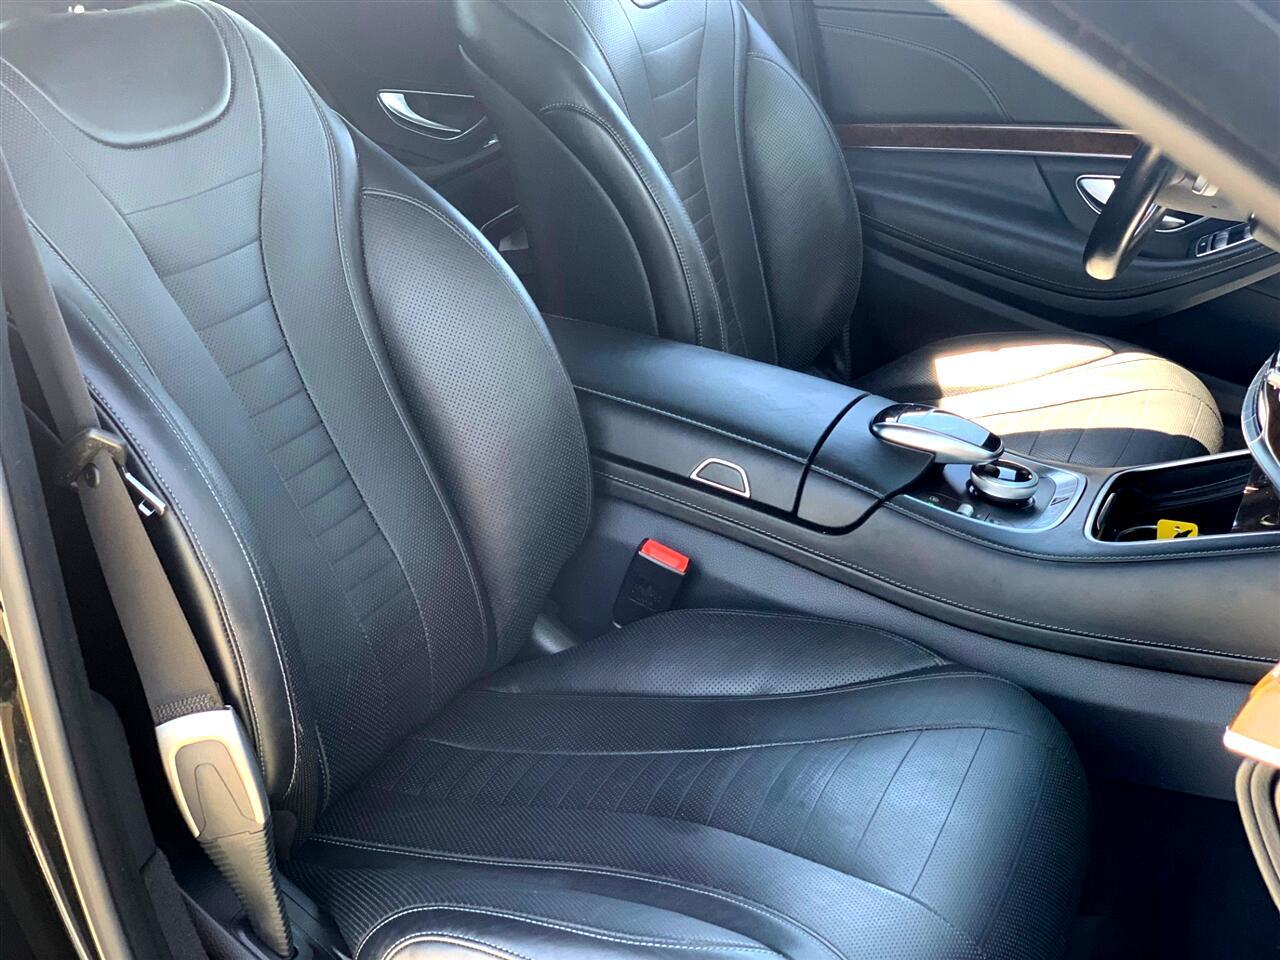 Mercedes-Benz S-Class S550 4MATIC 2015